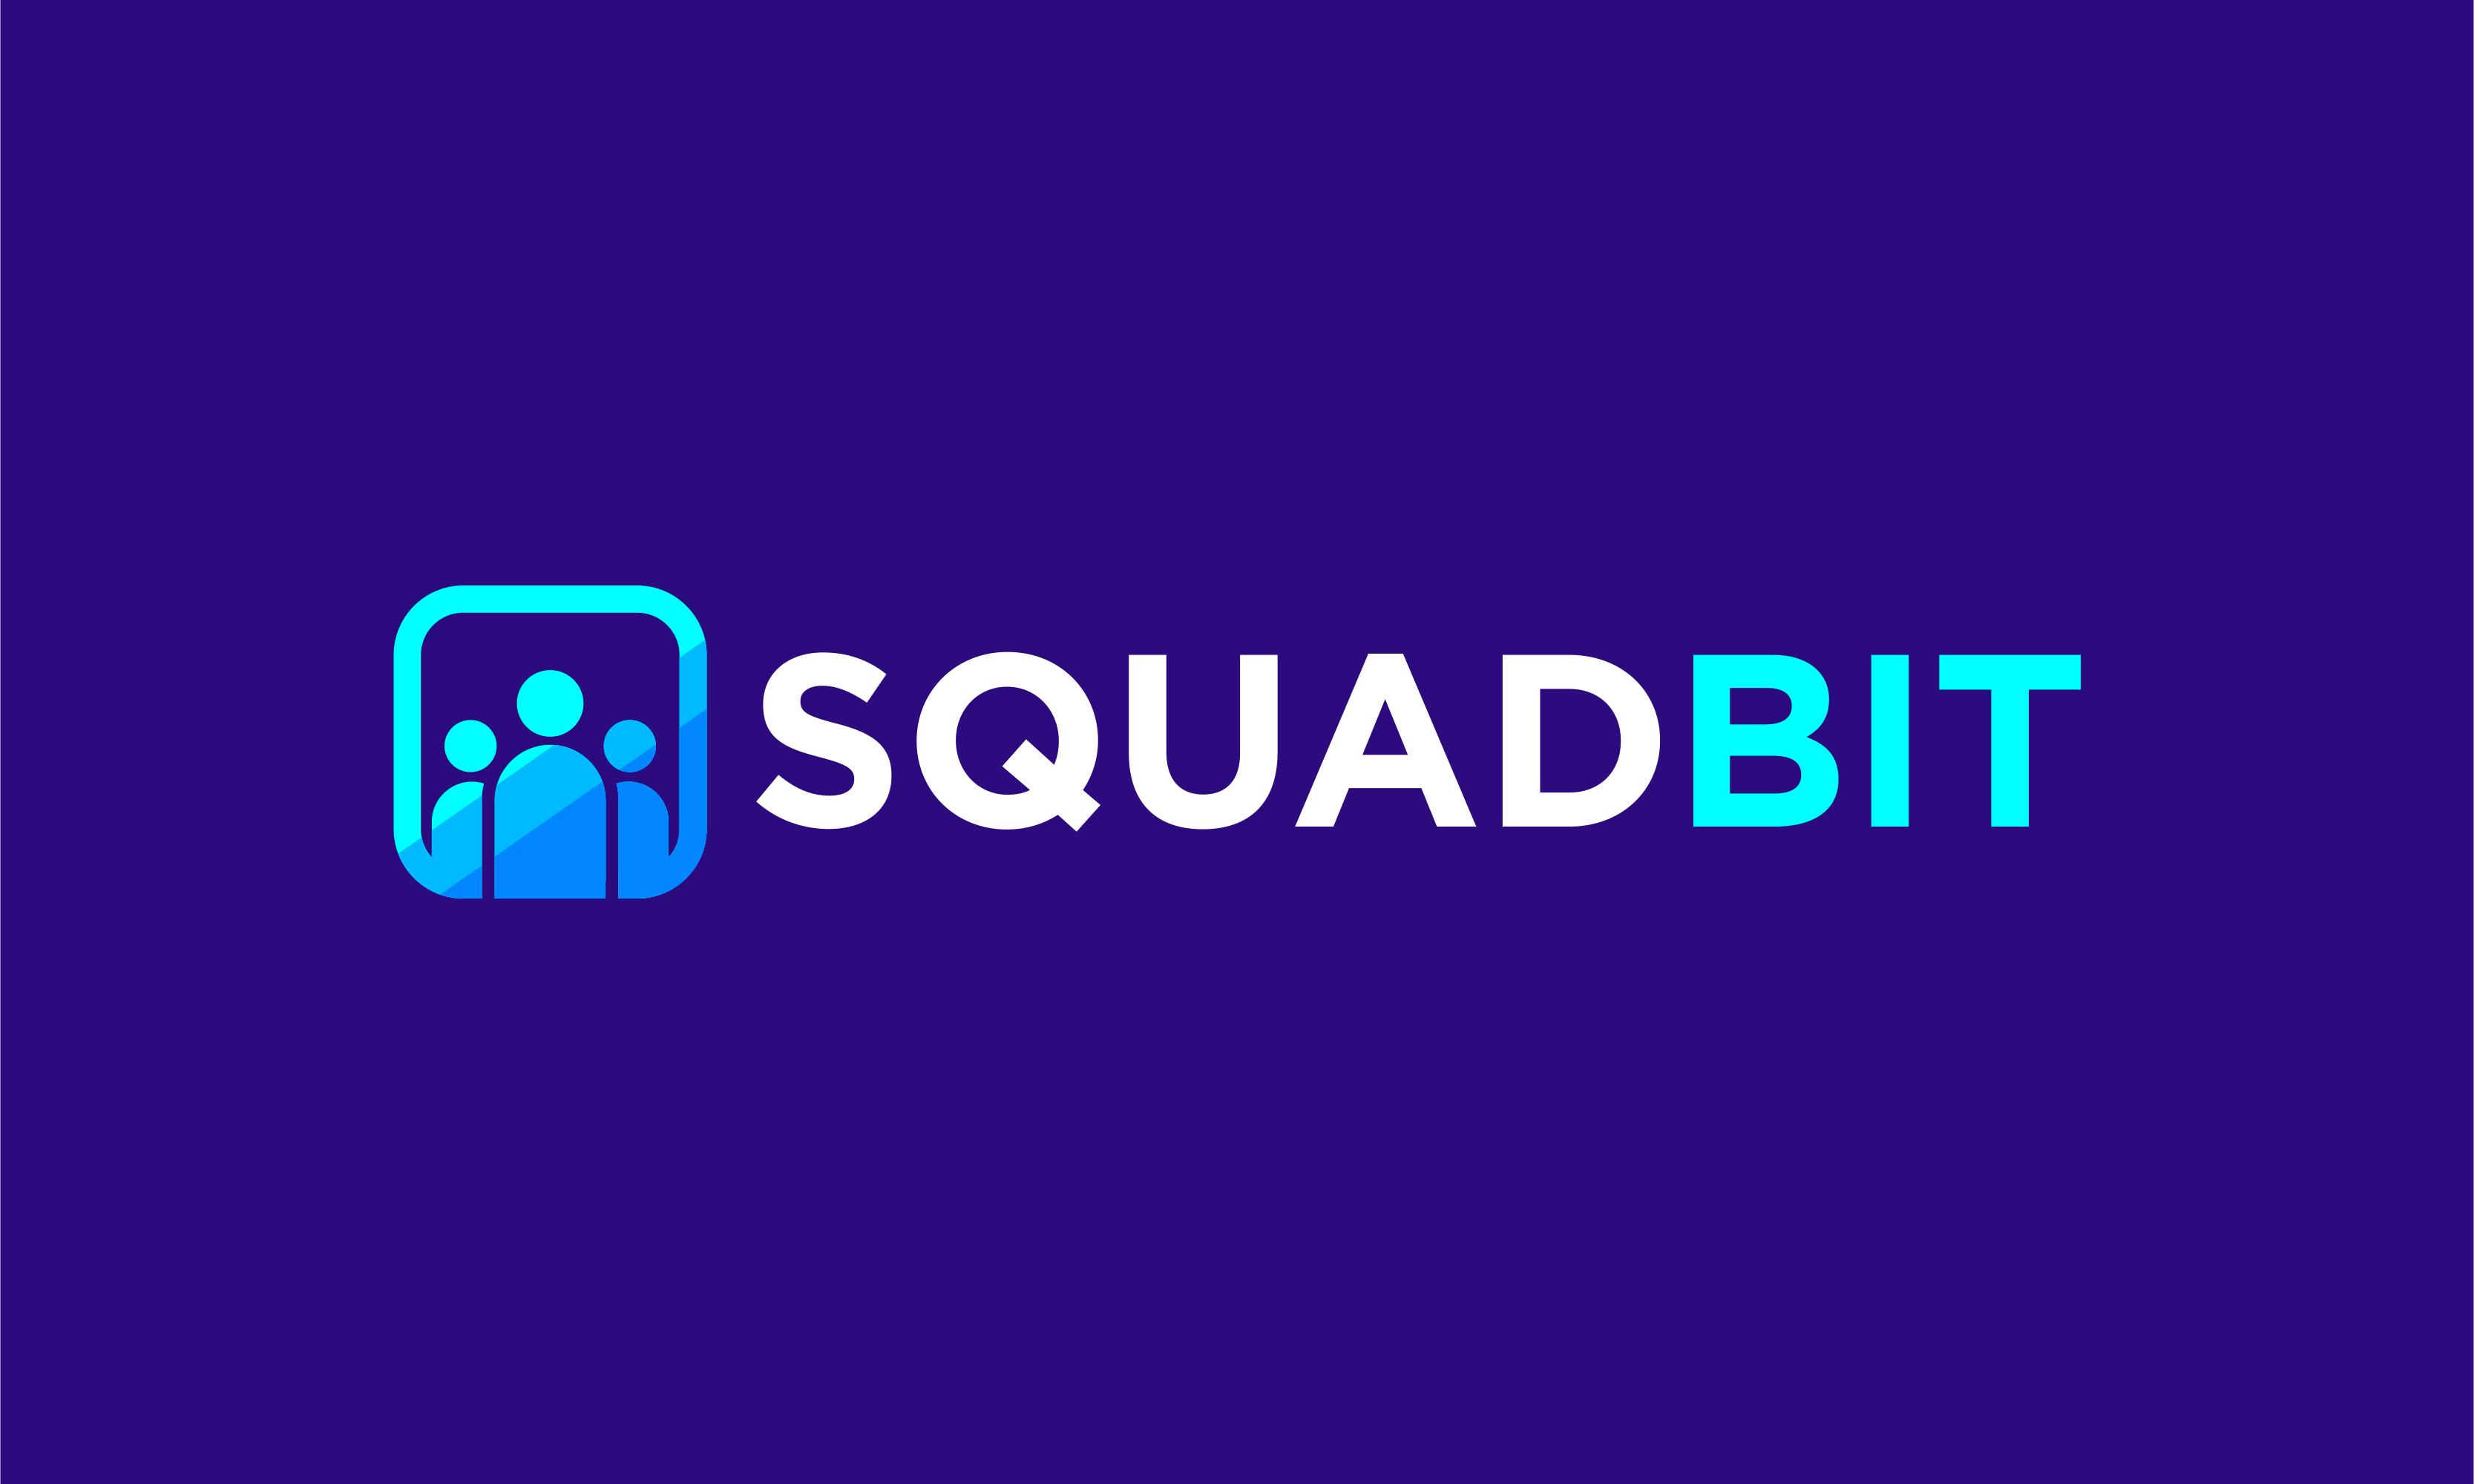 Squadbit